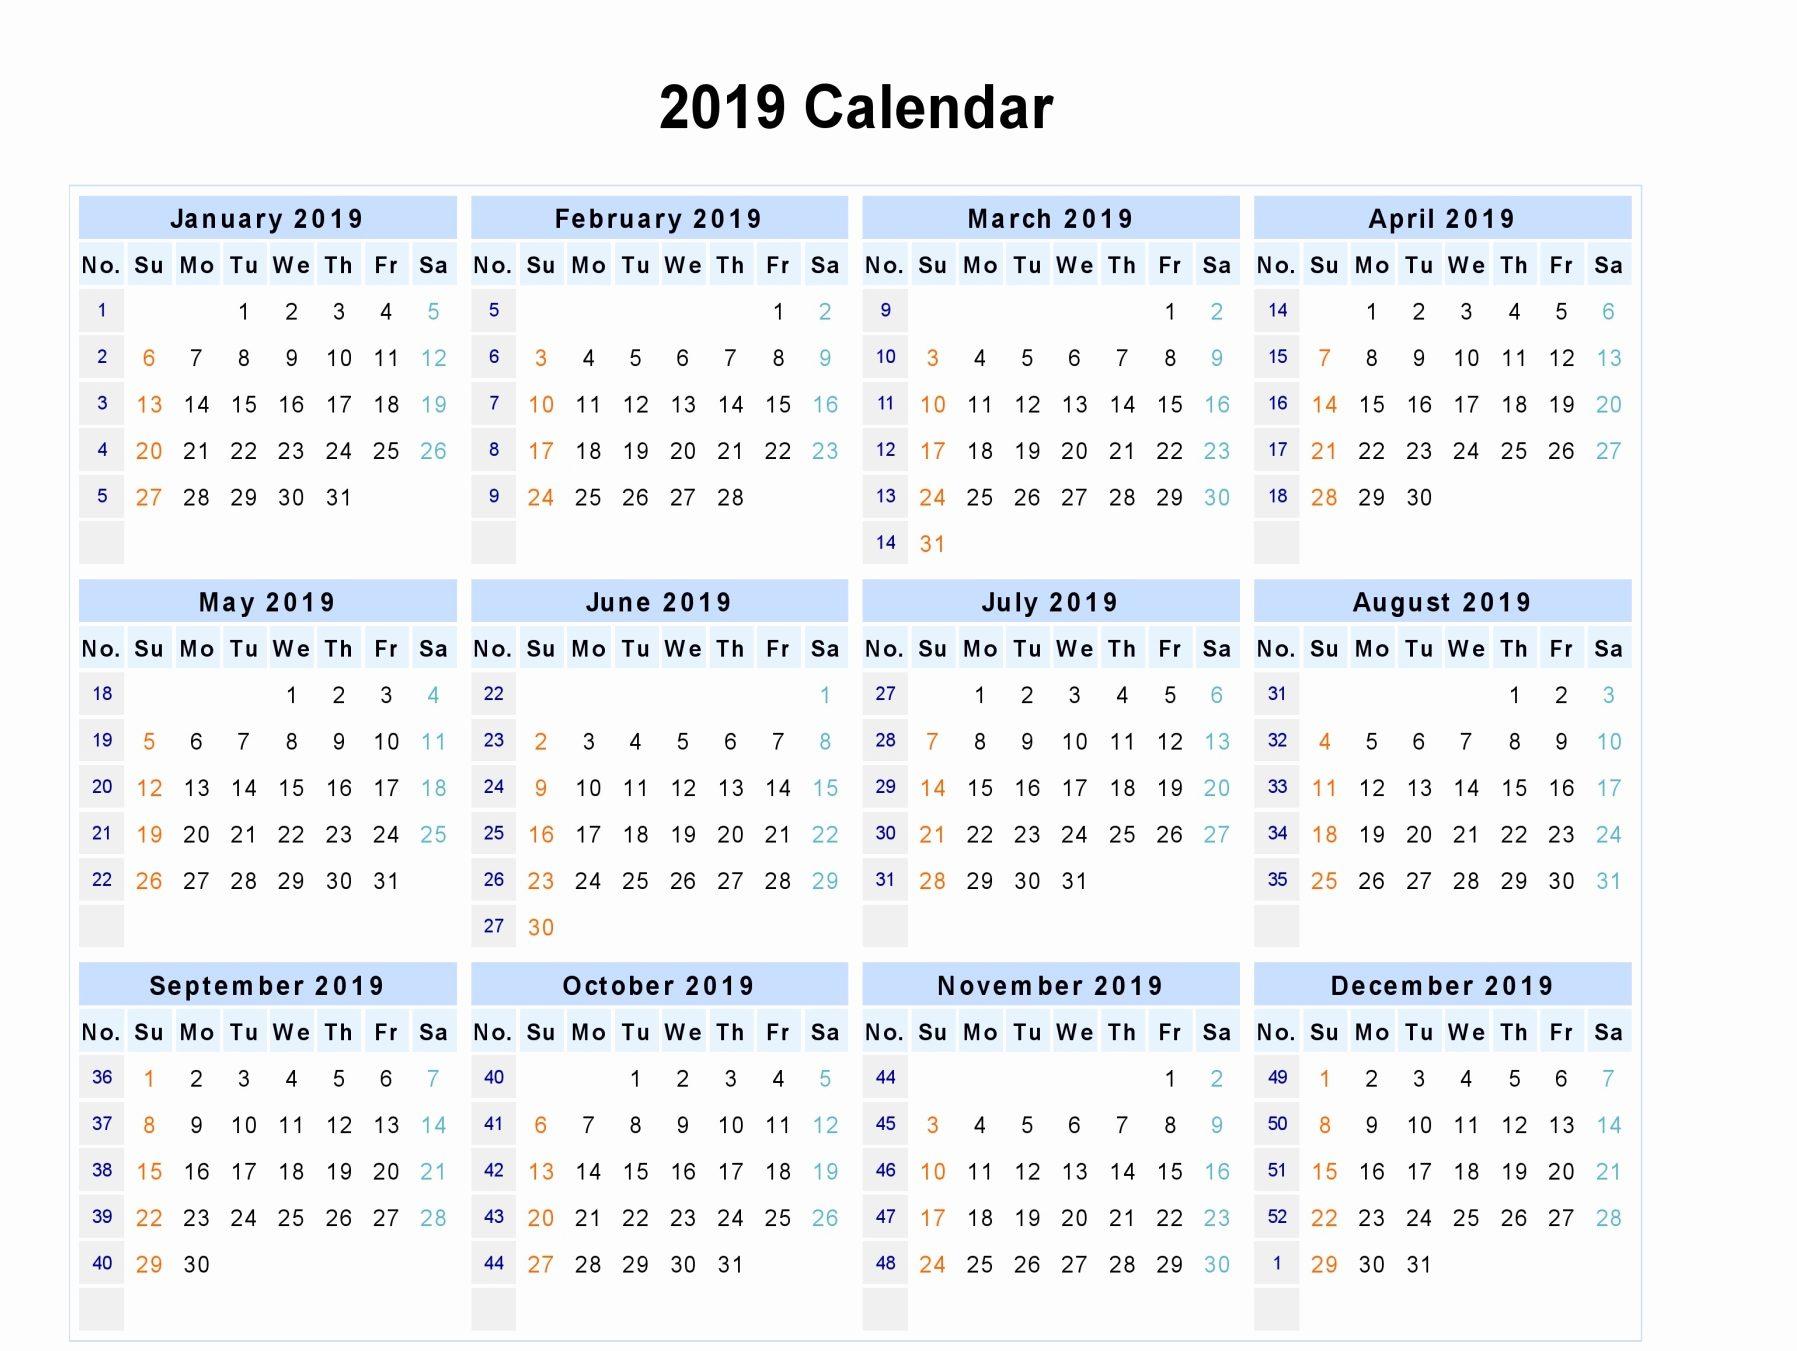 free printable calendar 2019 in word excel pdf